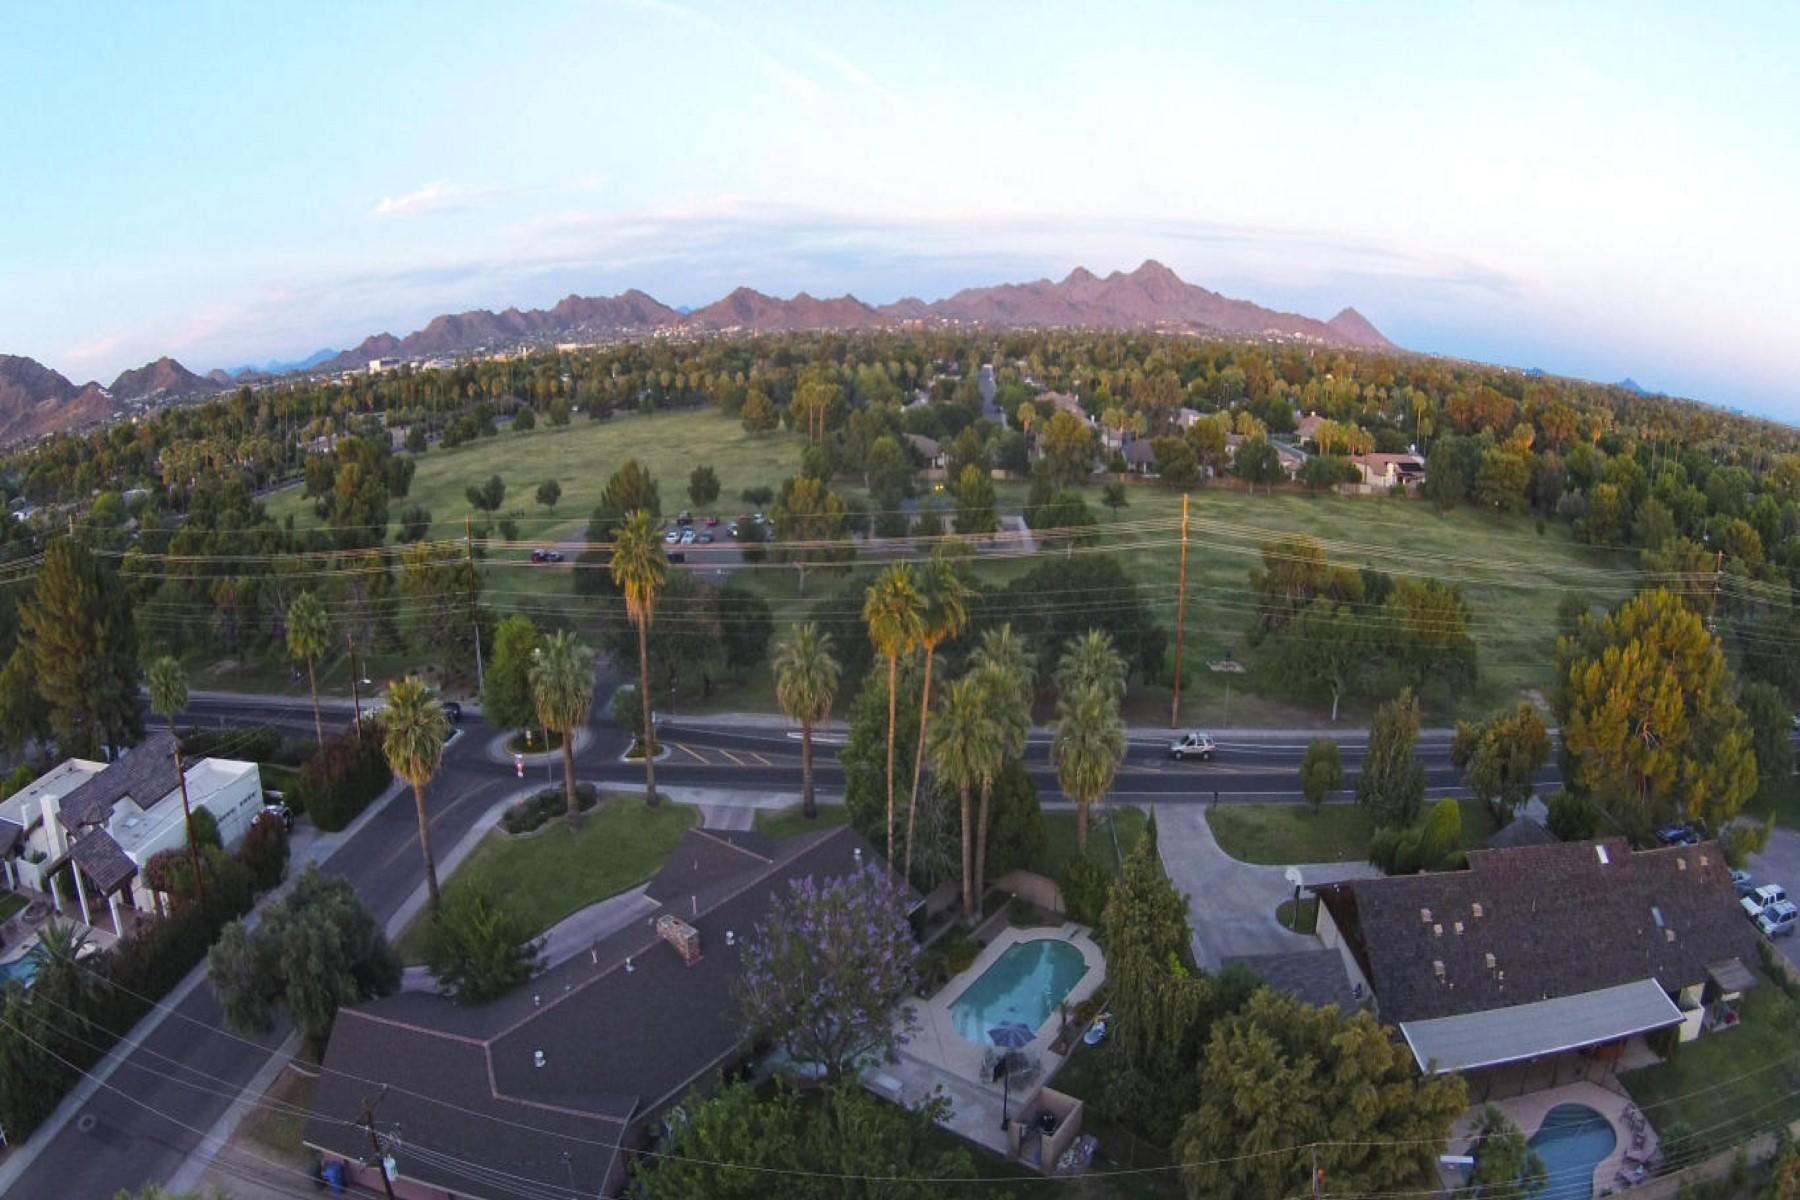 Частный односемейный дом для того Продажа на Quite possibly one of the best neighborhoods in greater Phoenix 1501 W El Caminito Drive Phoenix, Аризона 85021 Соединенные Штаты